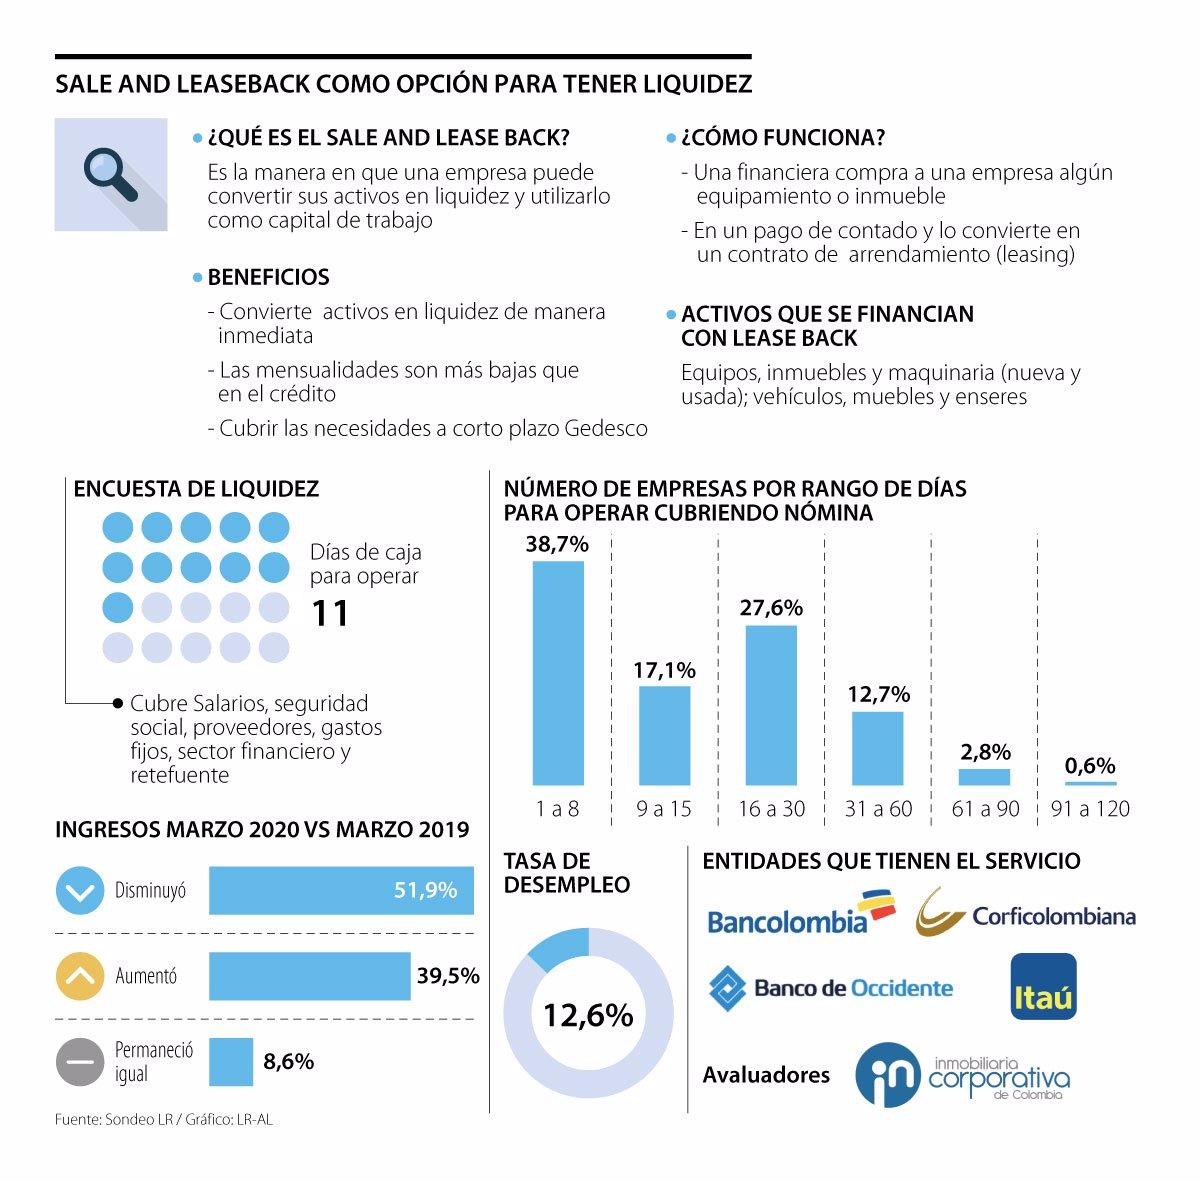 Leaseback, opción para que las empresas tengan liquidez en tiempos de covid-19